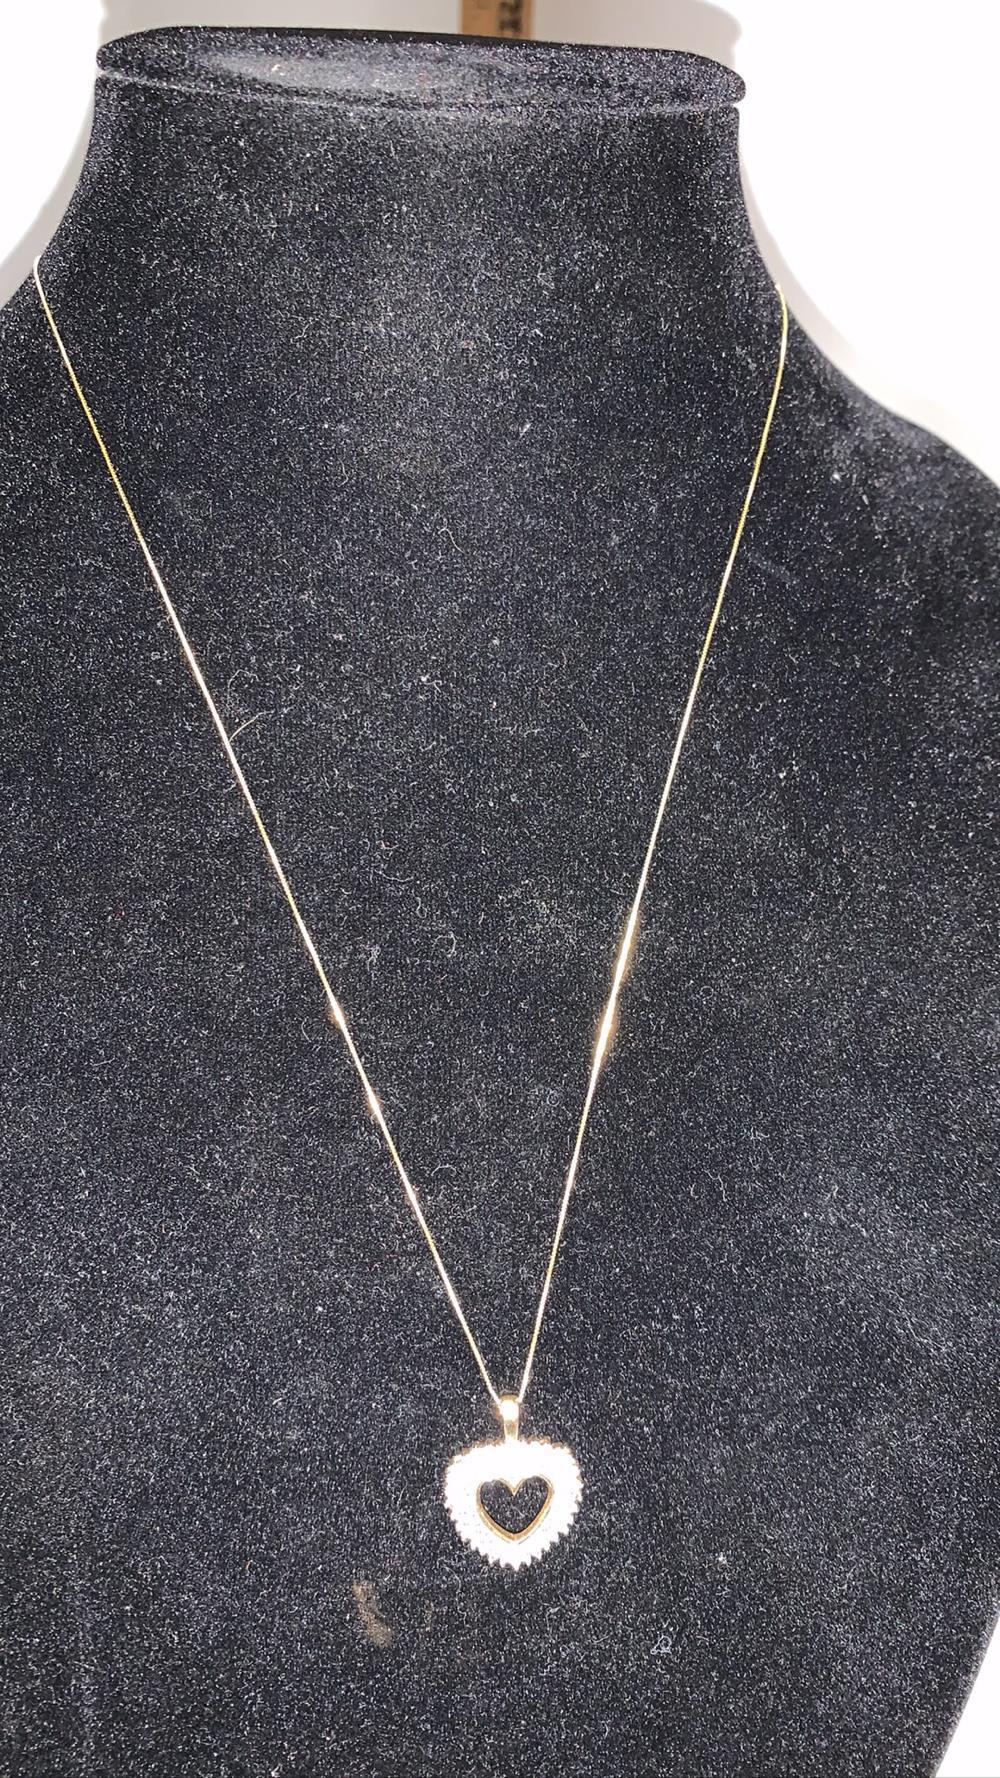 10K Gold & Diamond Necklace